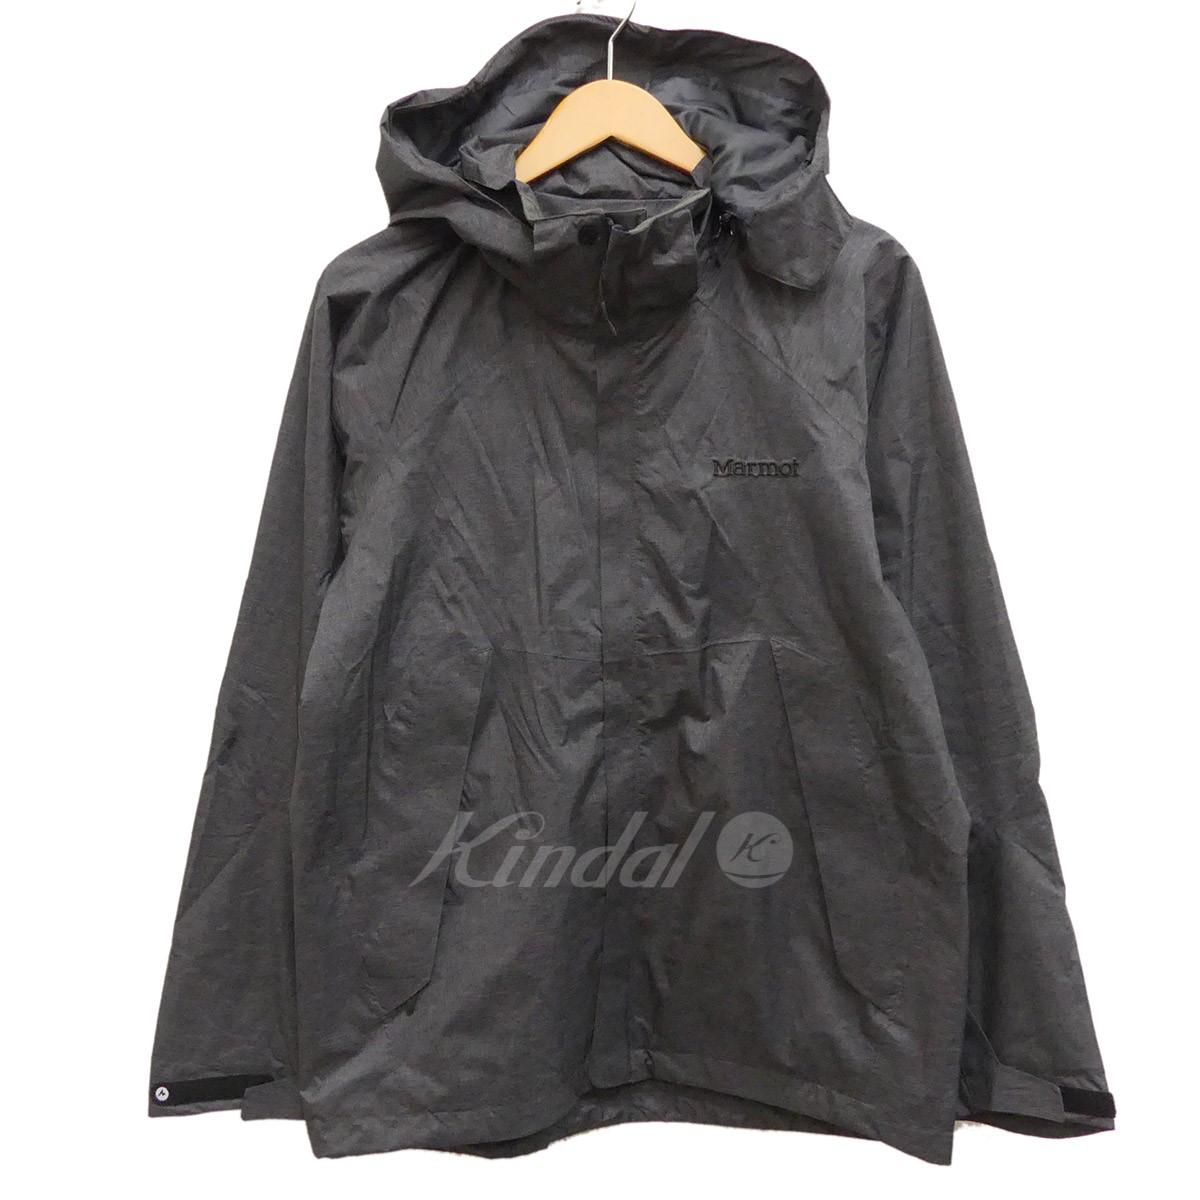 【中古】Marmot nano pro Heather Ridge Jacket ナイロンジャケット グレー サイズ:M 【040520】(マーモット)